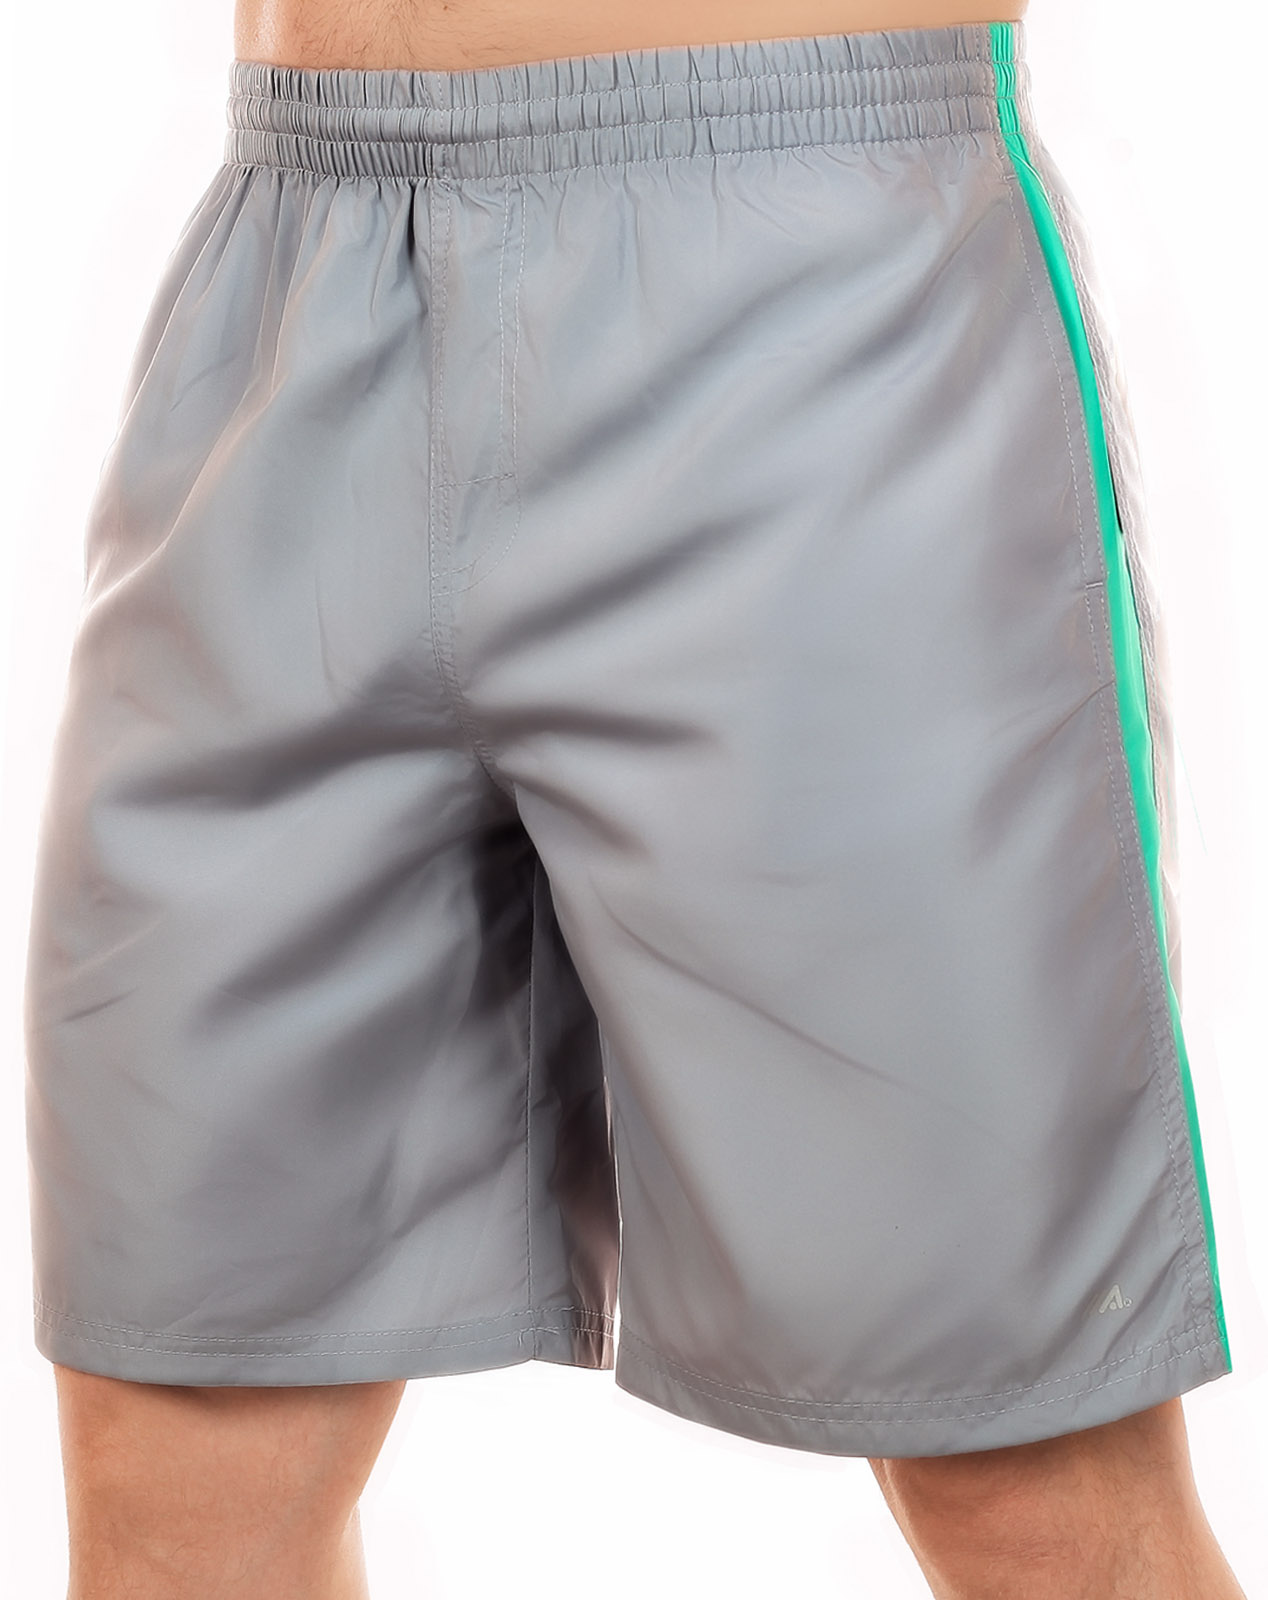 Попсовые шорты от MACE для мужчин уверенных в себе (Канада)